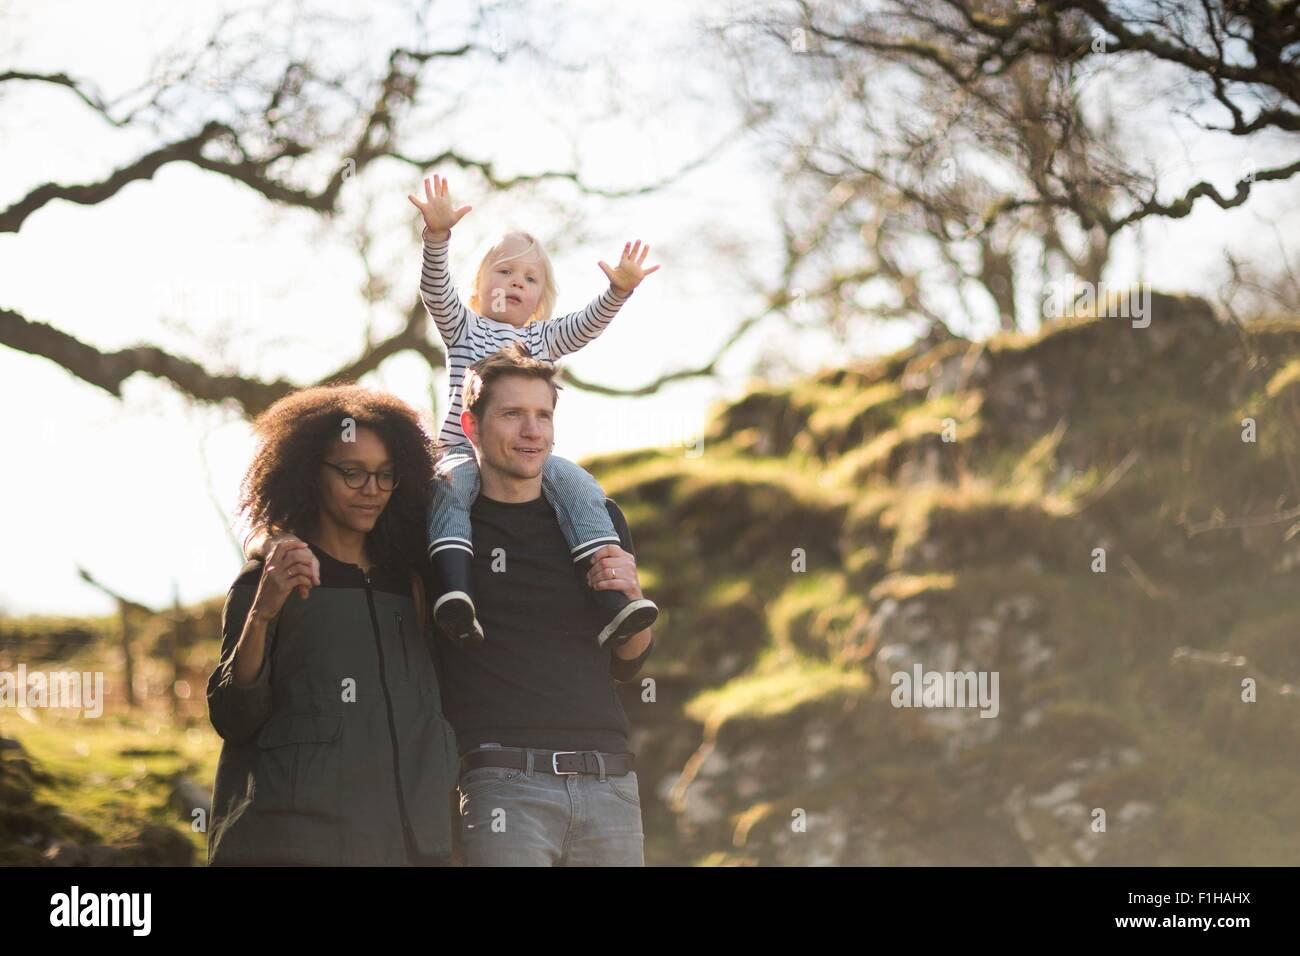 Paseo en familia, hijo de padre llevar sobre los hombros Imagen De Stock